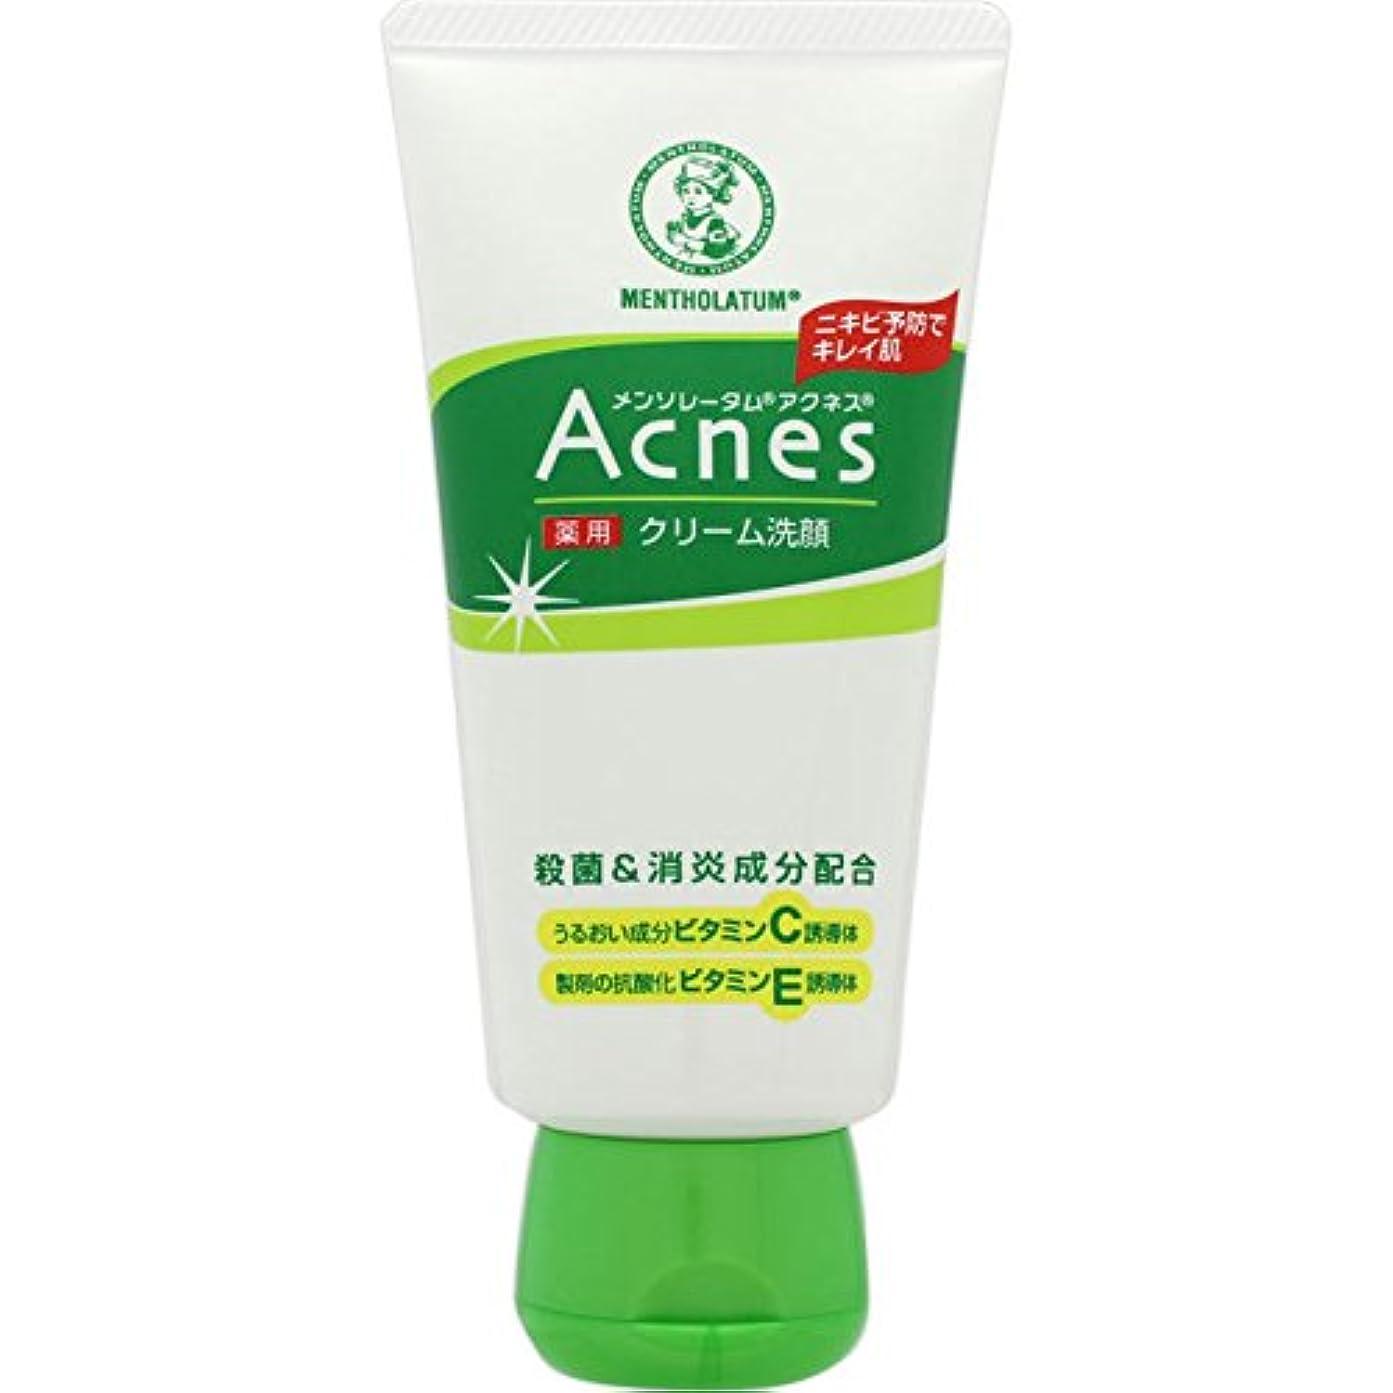 のり浪費ずっと【医薬部外品】メンソレータム アクネス ニキビ予防薬用クリーム洗顔 130g